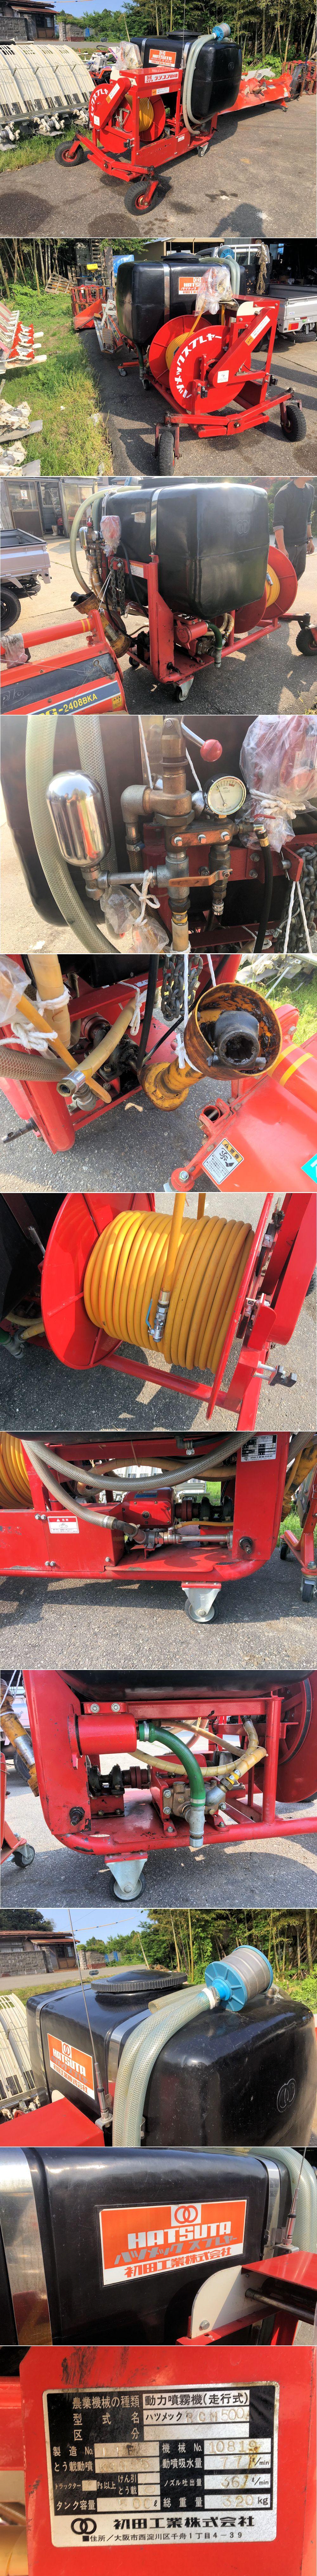 初田工業 ハツメック ハツタ ラジコン動噴 トラクター用 スプレヤー 動力噴霧機(走行式) RCM500A 消毒機械 実働整備品 美品中古